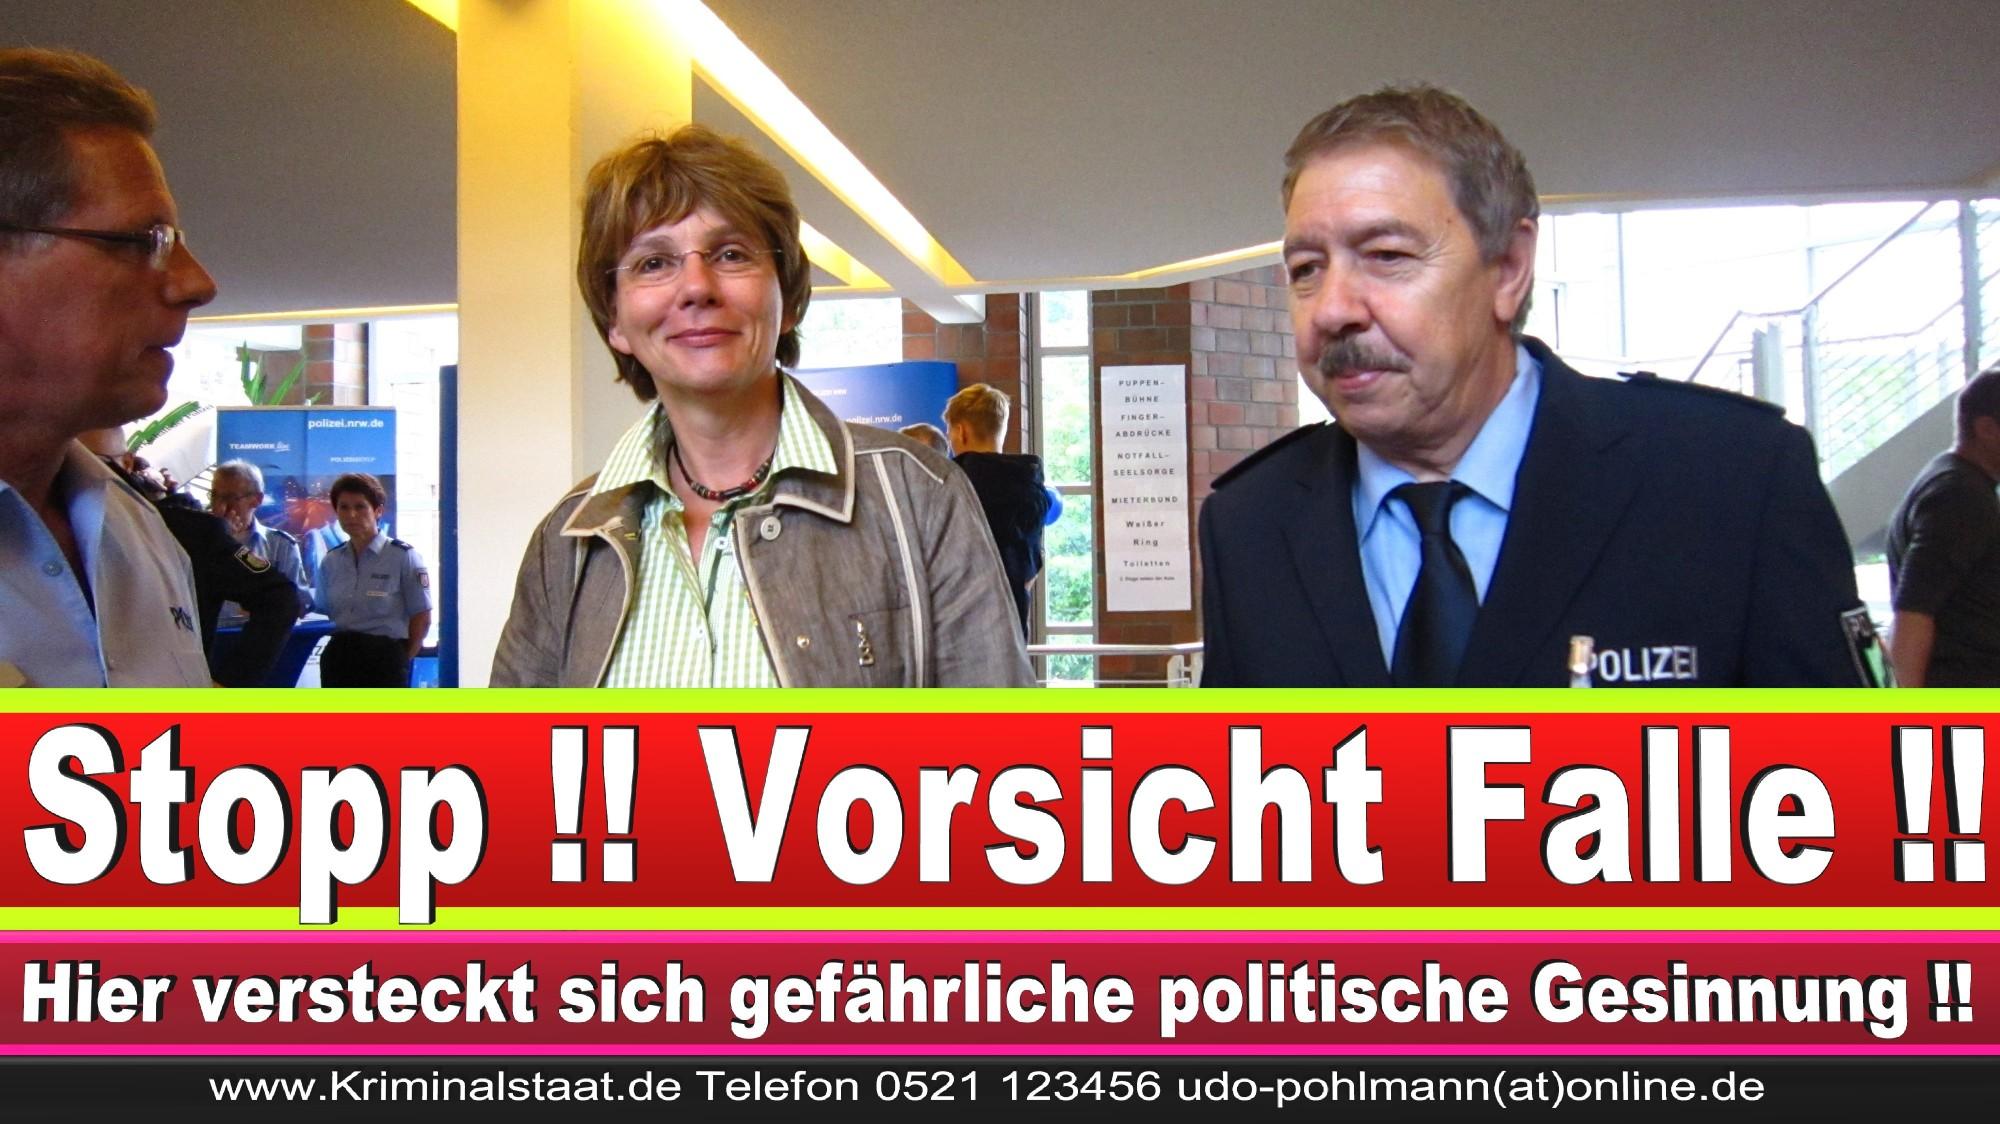 Polizeipräsidentin Katharina Giere Polizei Bielefeld NRW Erwin Südfeld Horst Kruse Polizeiuniform Polizeigewalt DEMONSTRATION Bahnhof (21) 1